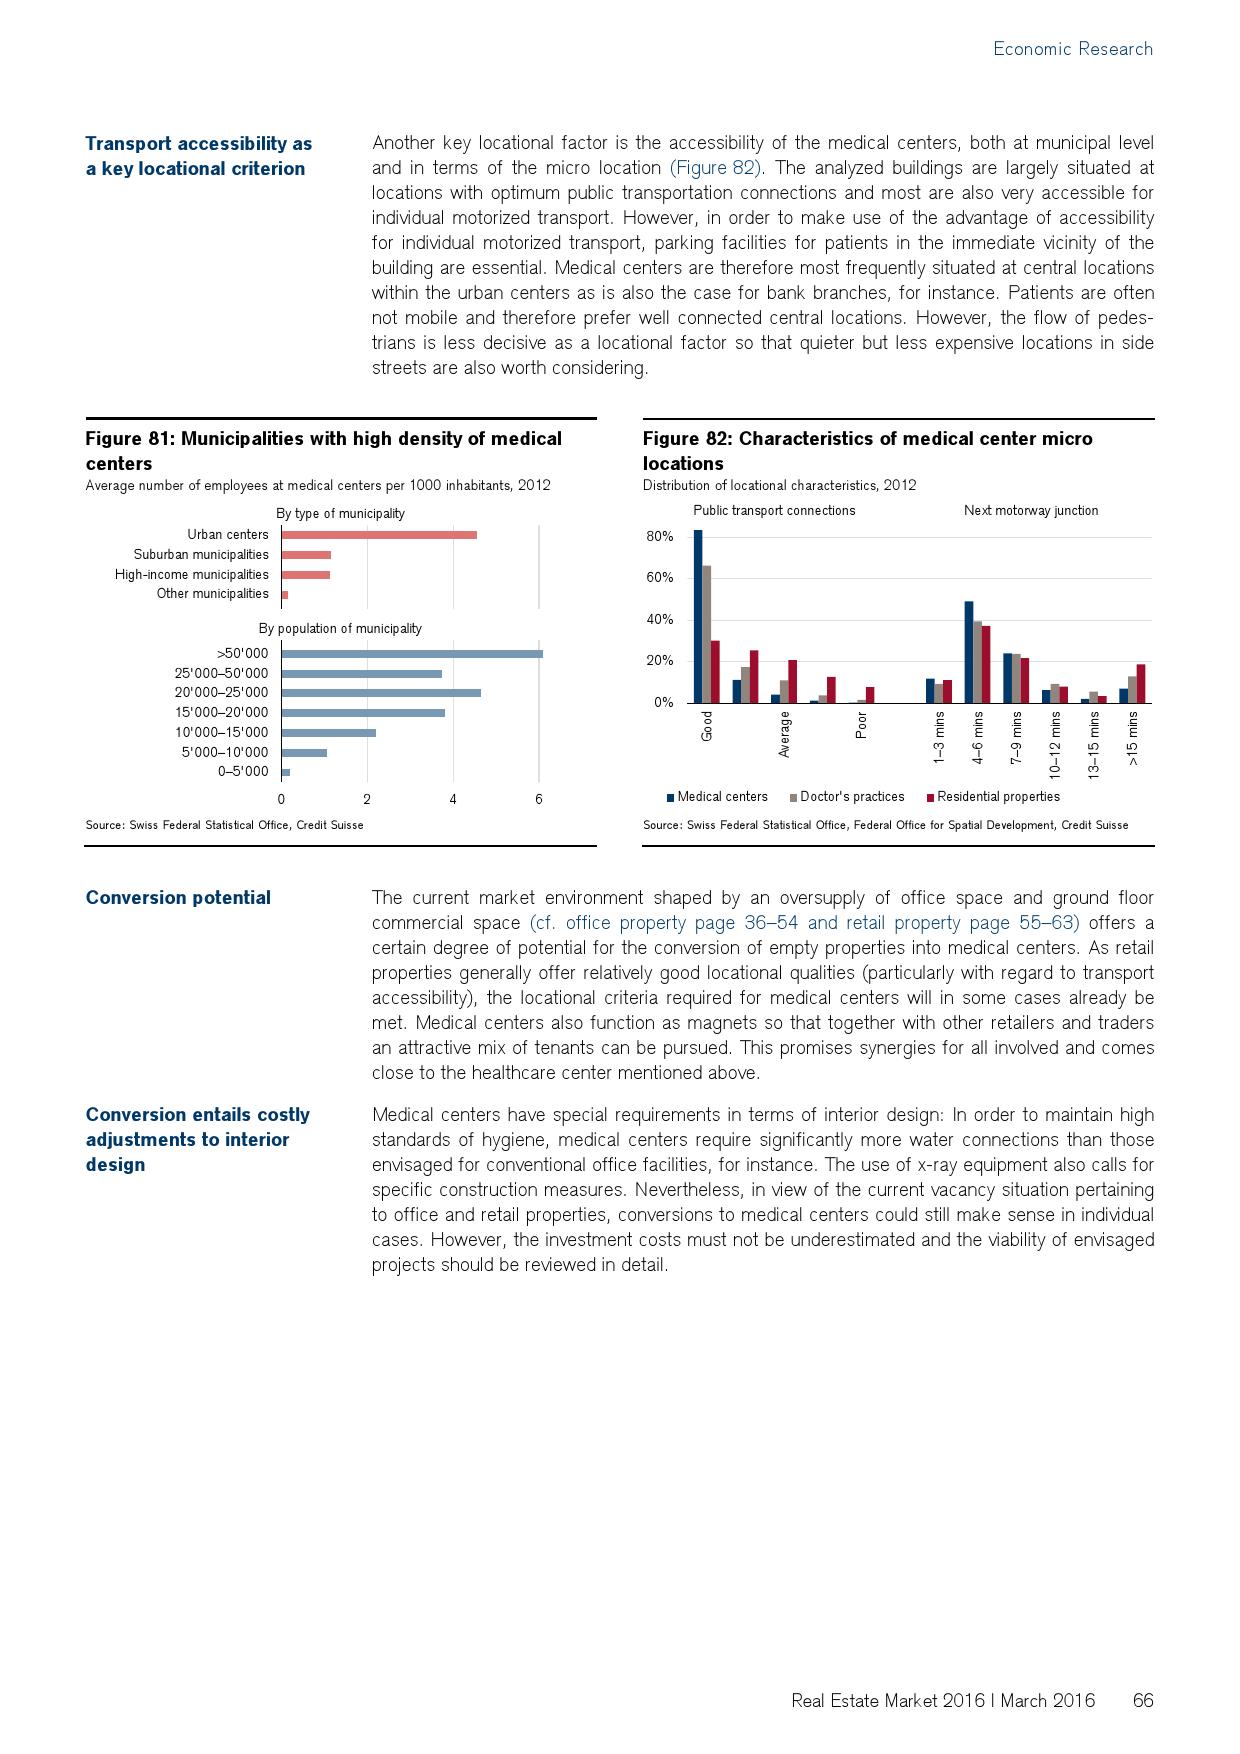 2016年瑞士房地产市场研究报告_000066